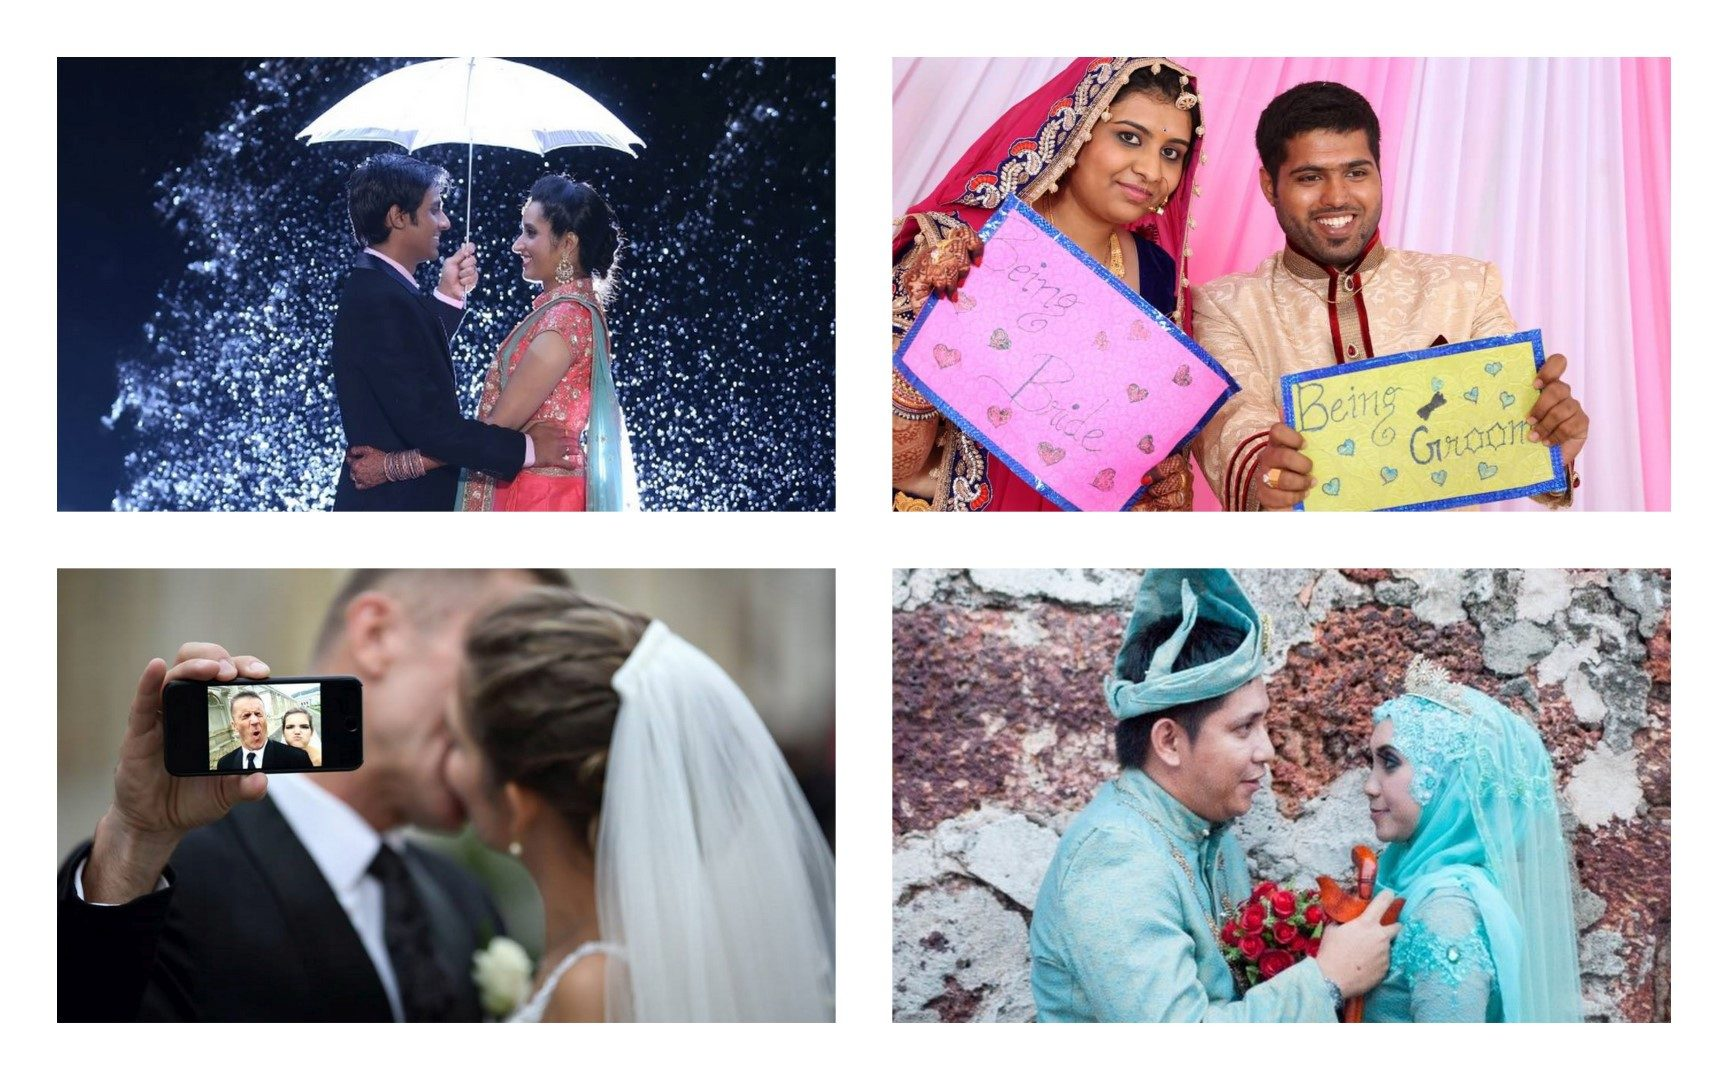 ,join my wedding,esküvő,párkányi orsi,esküvői tradíciók,indiai esküvő,esküvői szokások,esküvői hagyományok,esküvő jegyvásárlás,gyere el az esküvőmre,eladó a menyasszony,